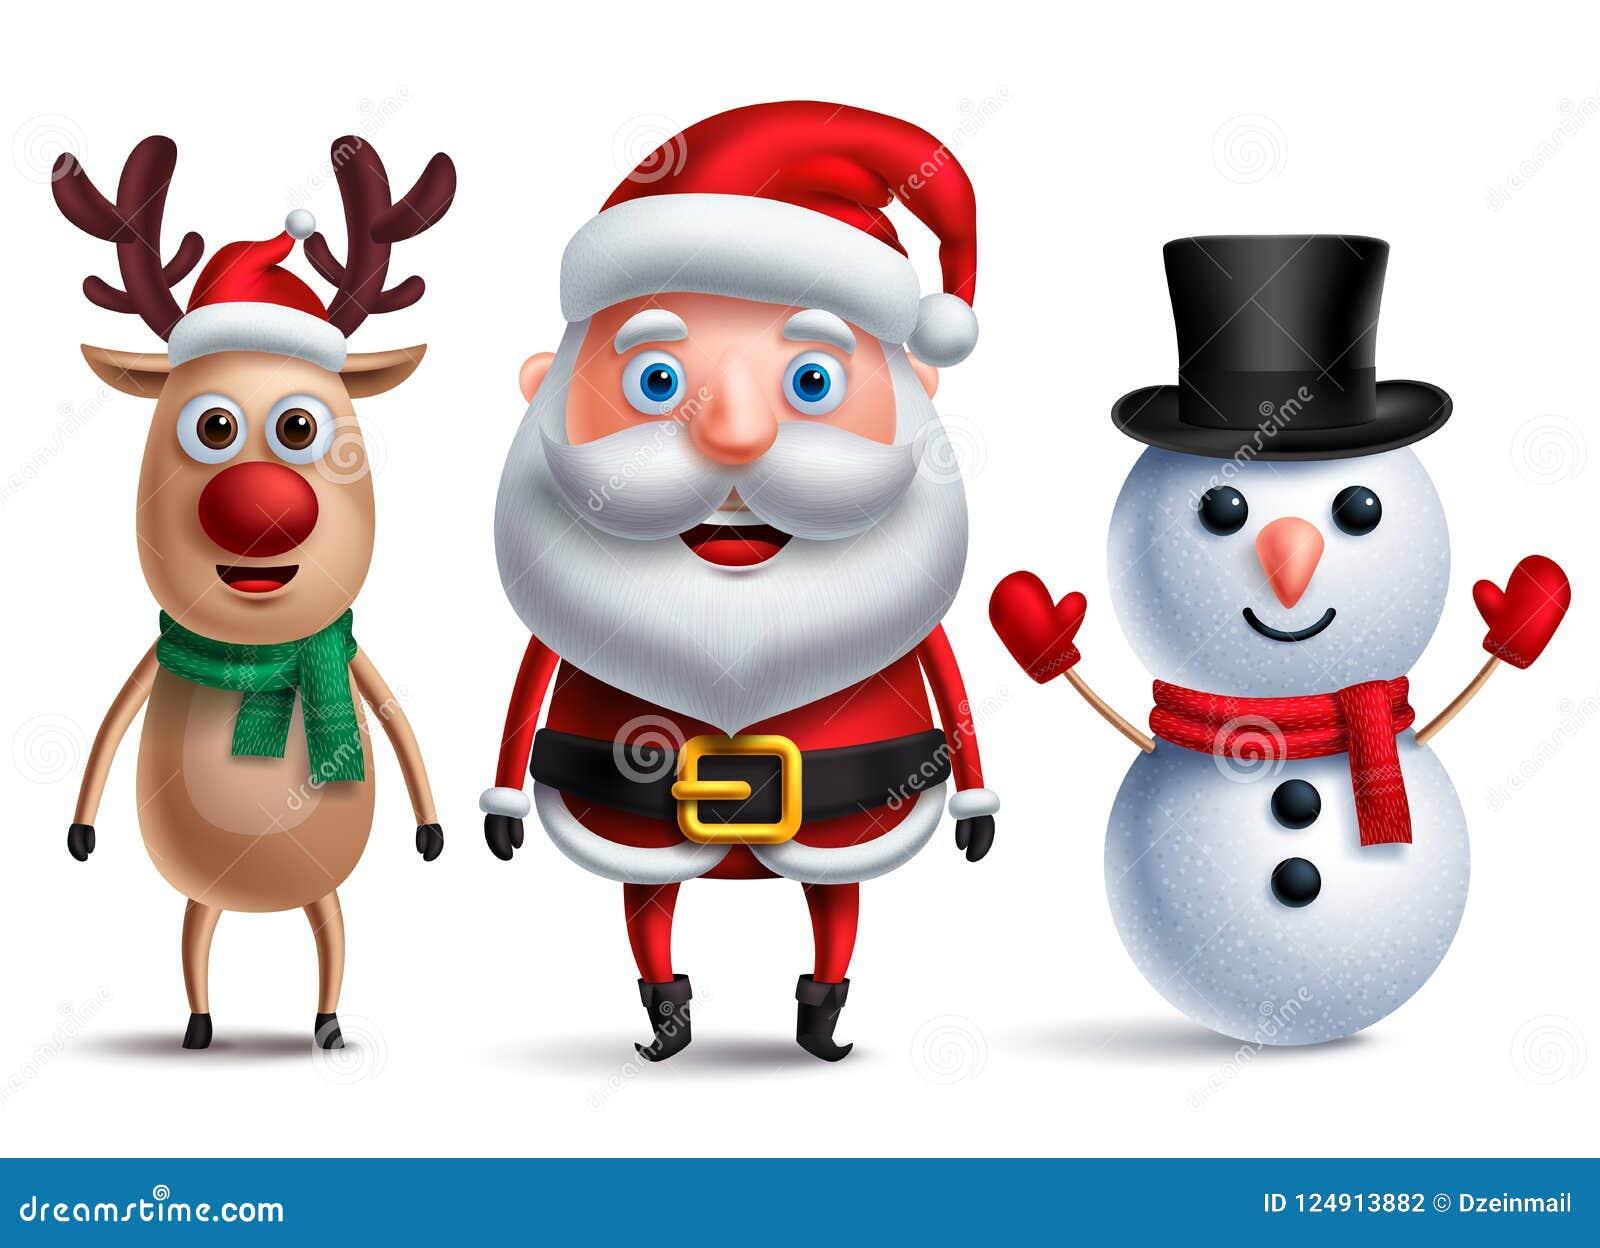 Carattere di vettore del Babbo Natale con il pupazzo di neve e Rudolph la renna